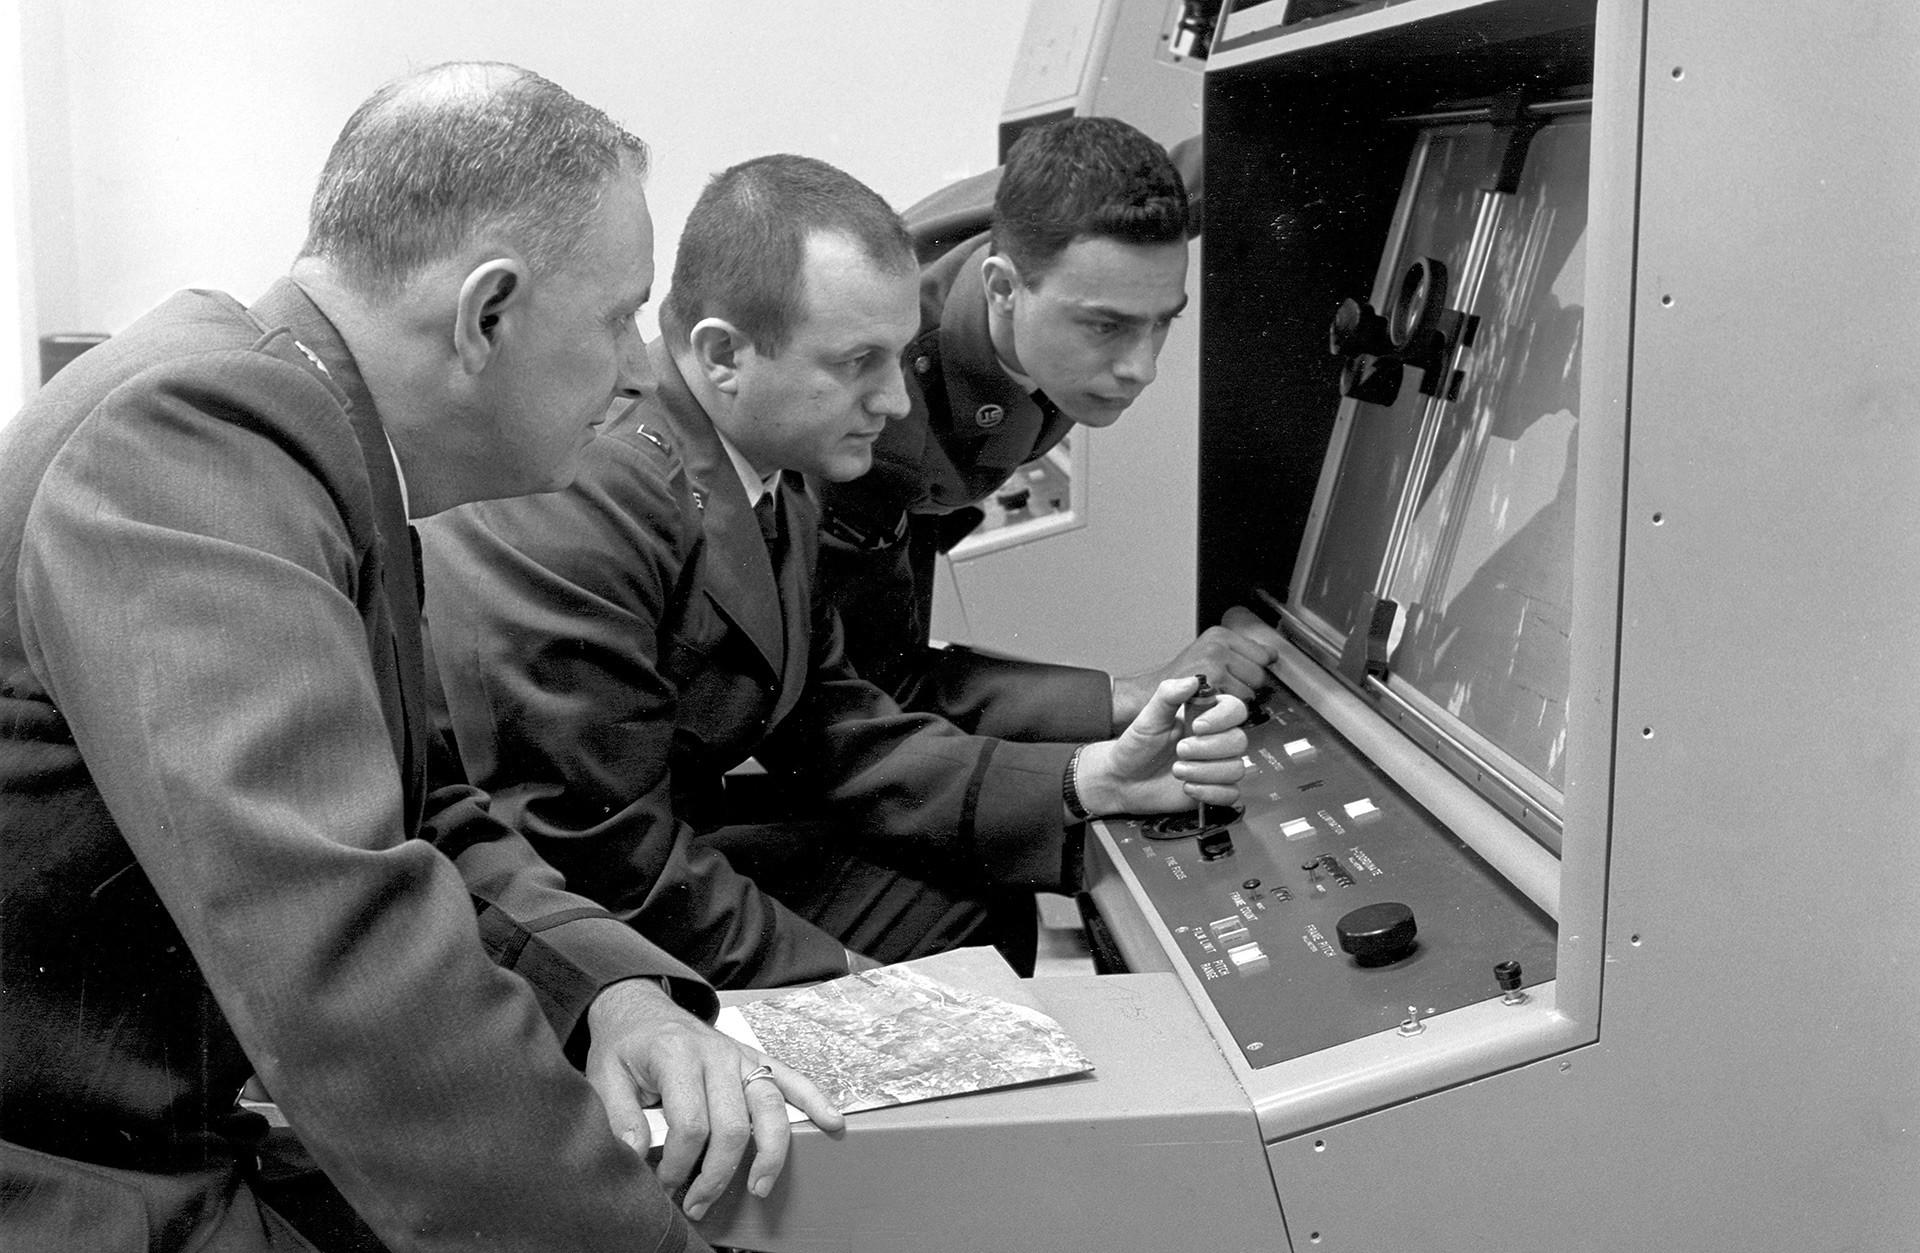 У штабу стратешке ваздушне одбране СССР, 1962.